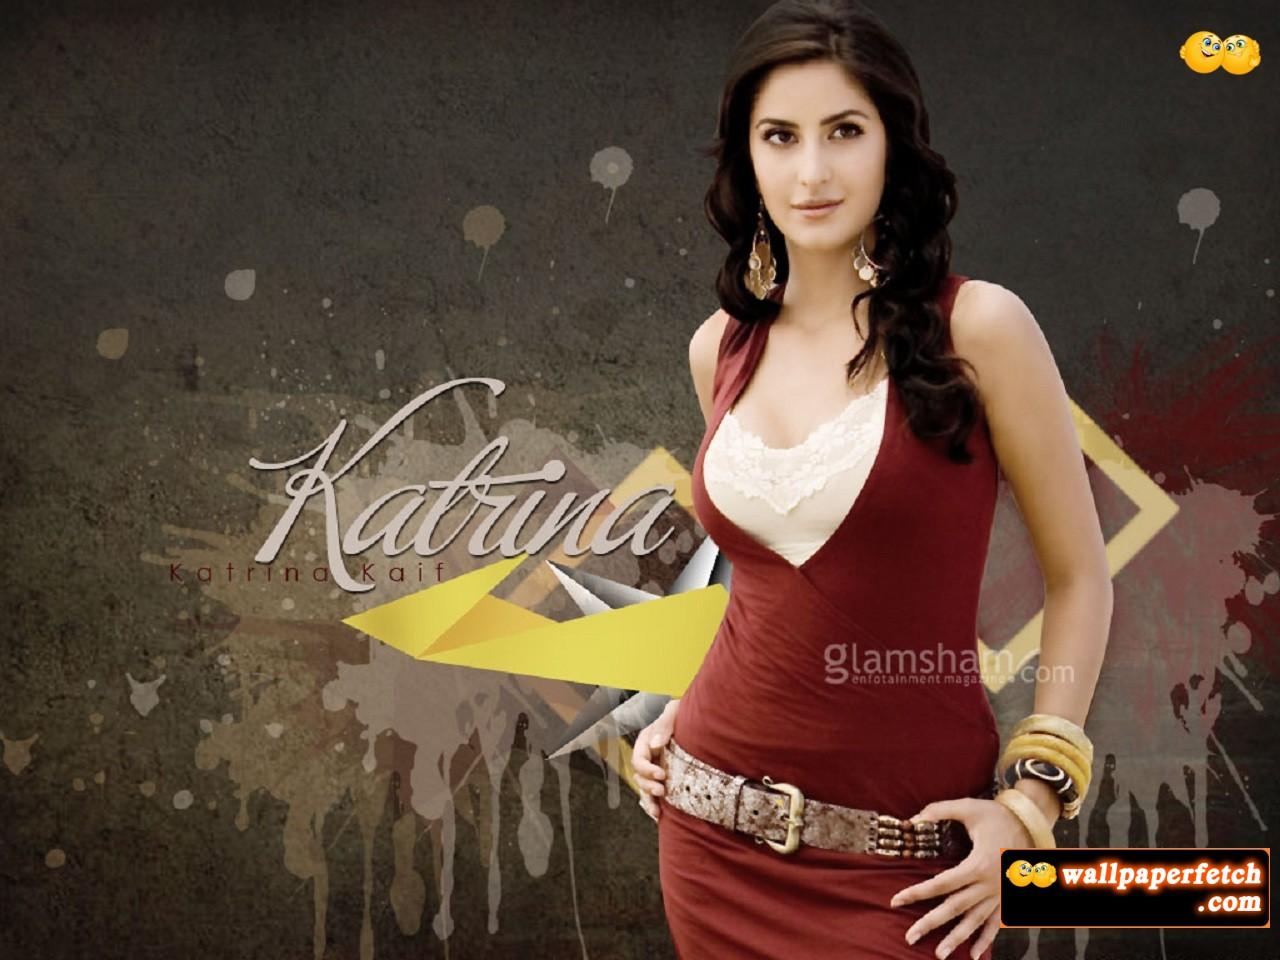 http://1.bp.blogspot.com/-x33f-xfaQZ0/T-d4wyzgXvI/AAAAAAAAAv4/ZCsihcXhwsc/s1600/katrina-kaif-wallpaper-154-10x7.jpg